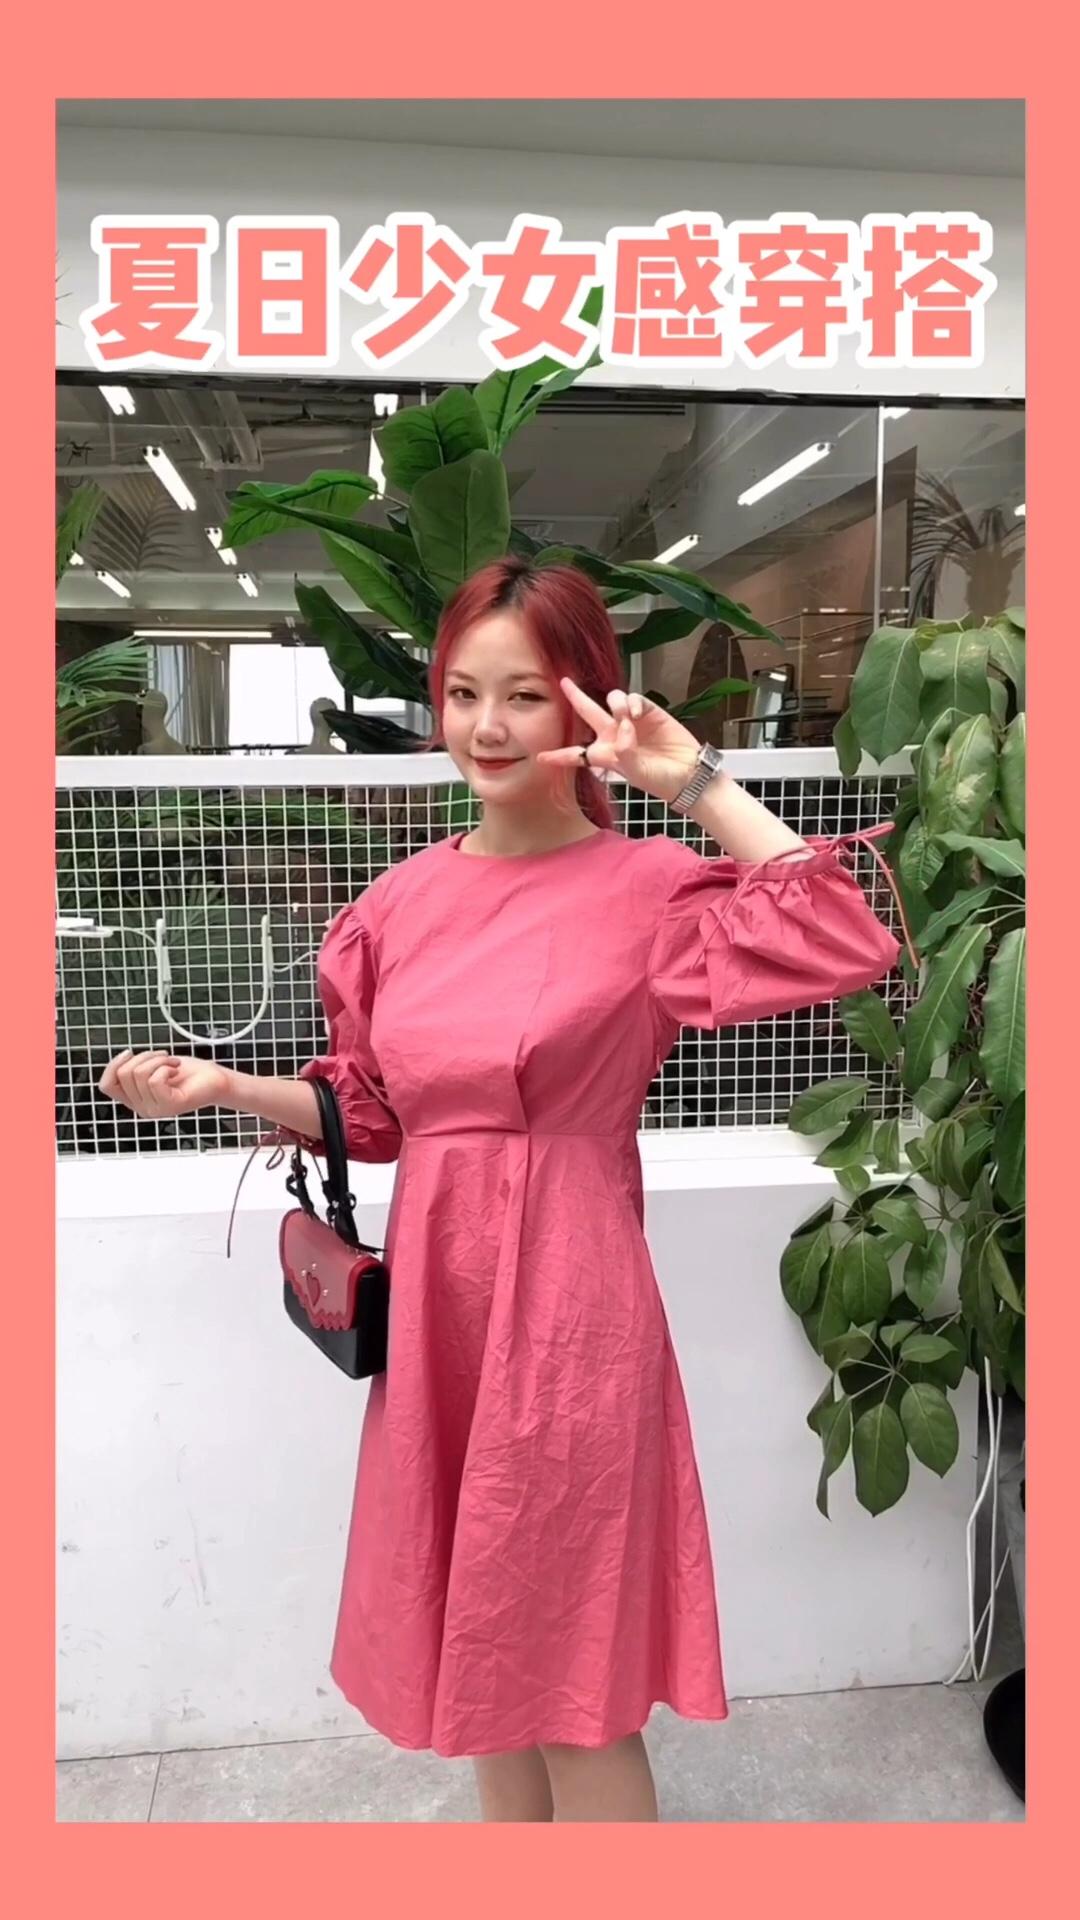 #今夏最火:法式少女风,盘它!# 粉色真是我最爱的颜色啦 满足我的少女心 这款茶歇裙的粉色真的超级显白哦 泡泡袖的设计也特别可爱 后背还有微露设计哦 包包上面俏皮感十足的🎀和精致独特的💗 都特别的少女